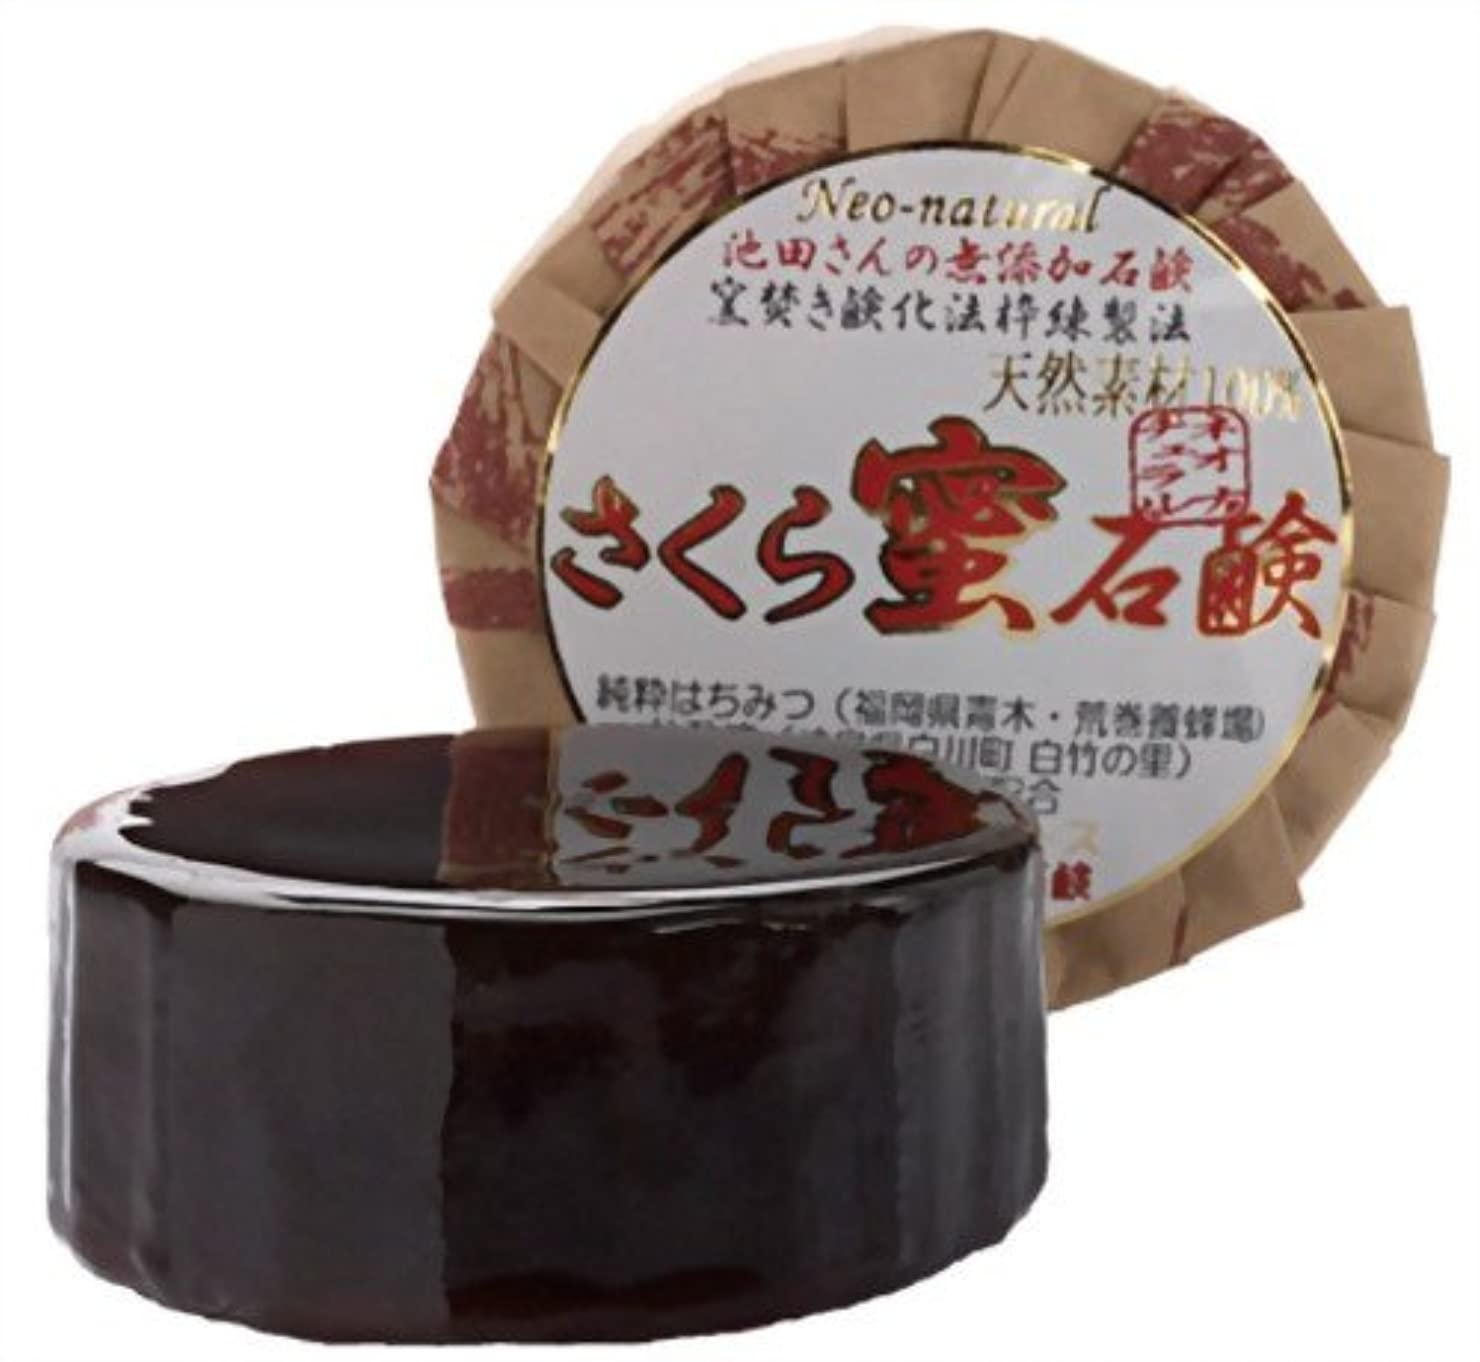 明るい帰するコショウネオナチュラル 池田さんのさくら蜜石鹸 105g